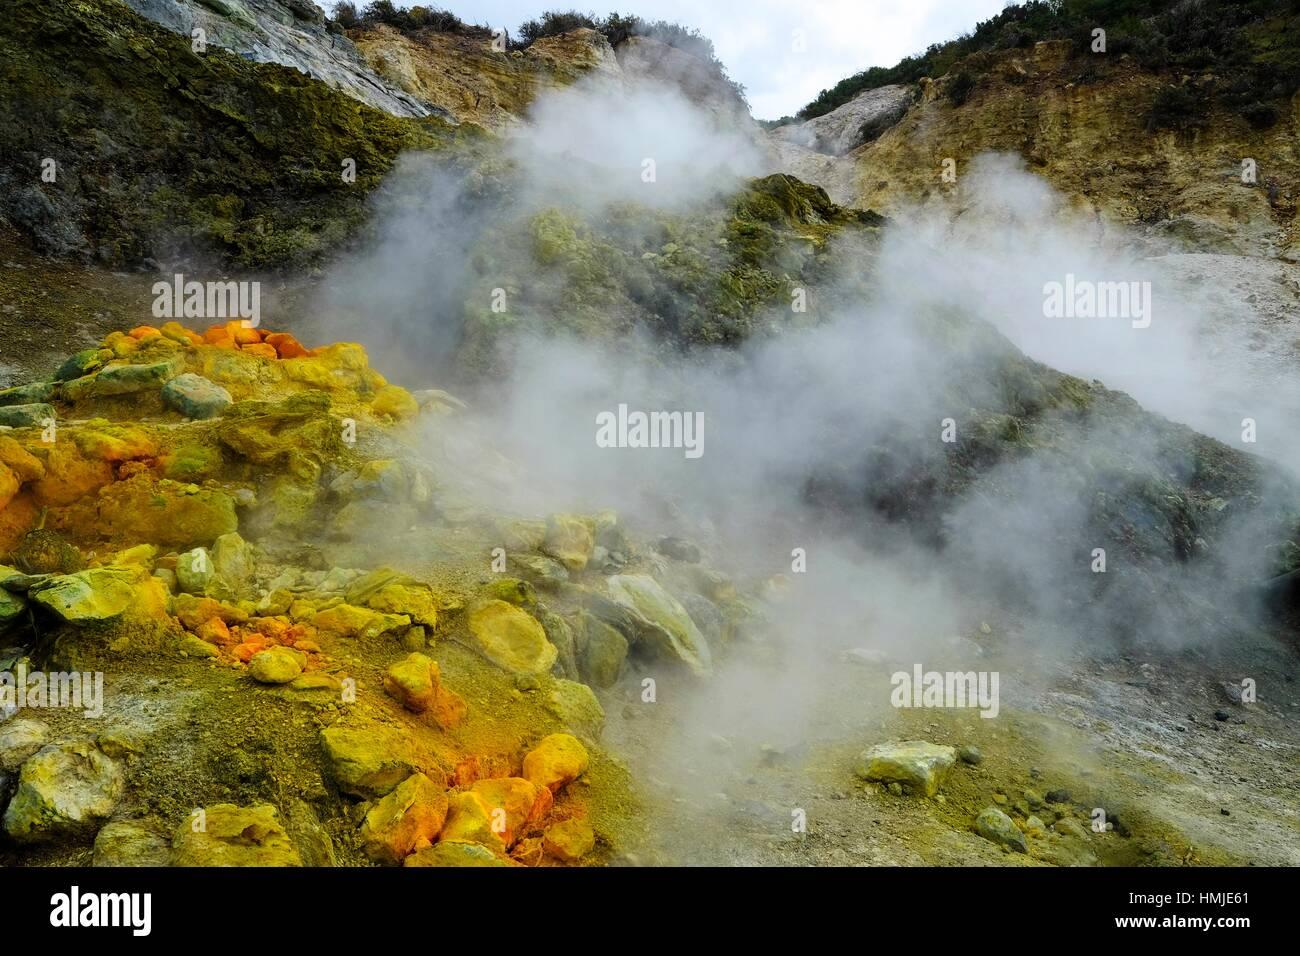 Solfatara, el cráter volcánico con fumarolas activas, Pozzuoli, Nápoles, Campania, Italia, Europa Imagen De Stock